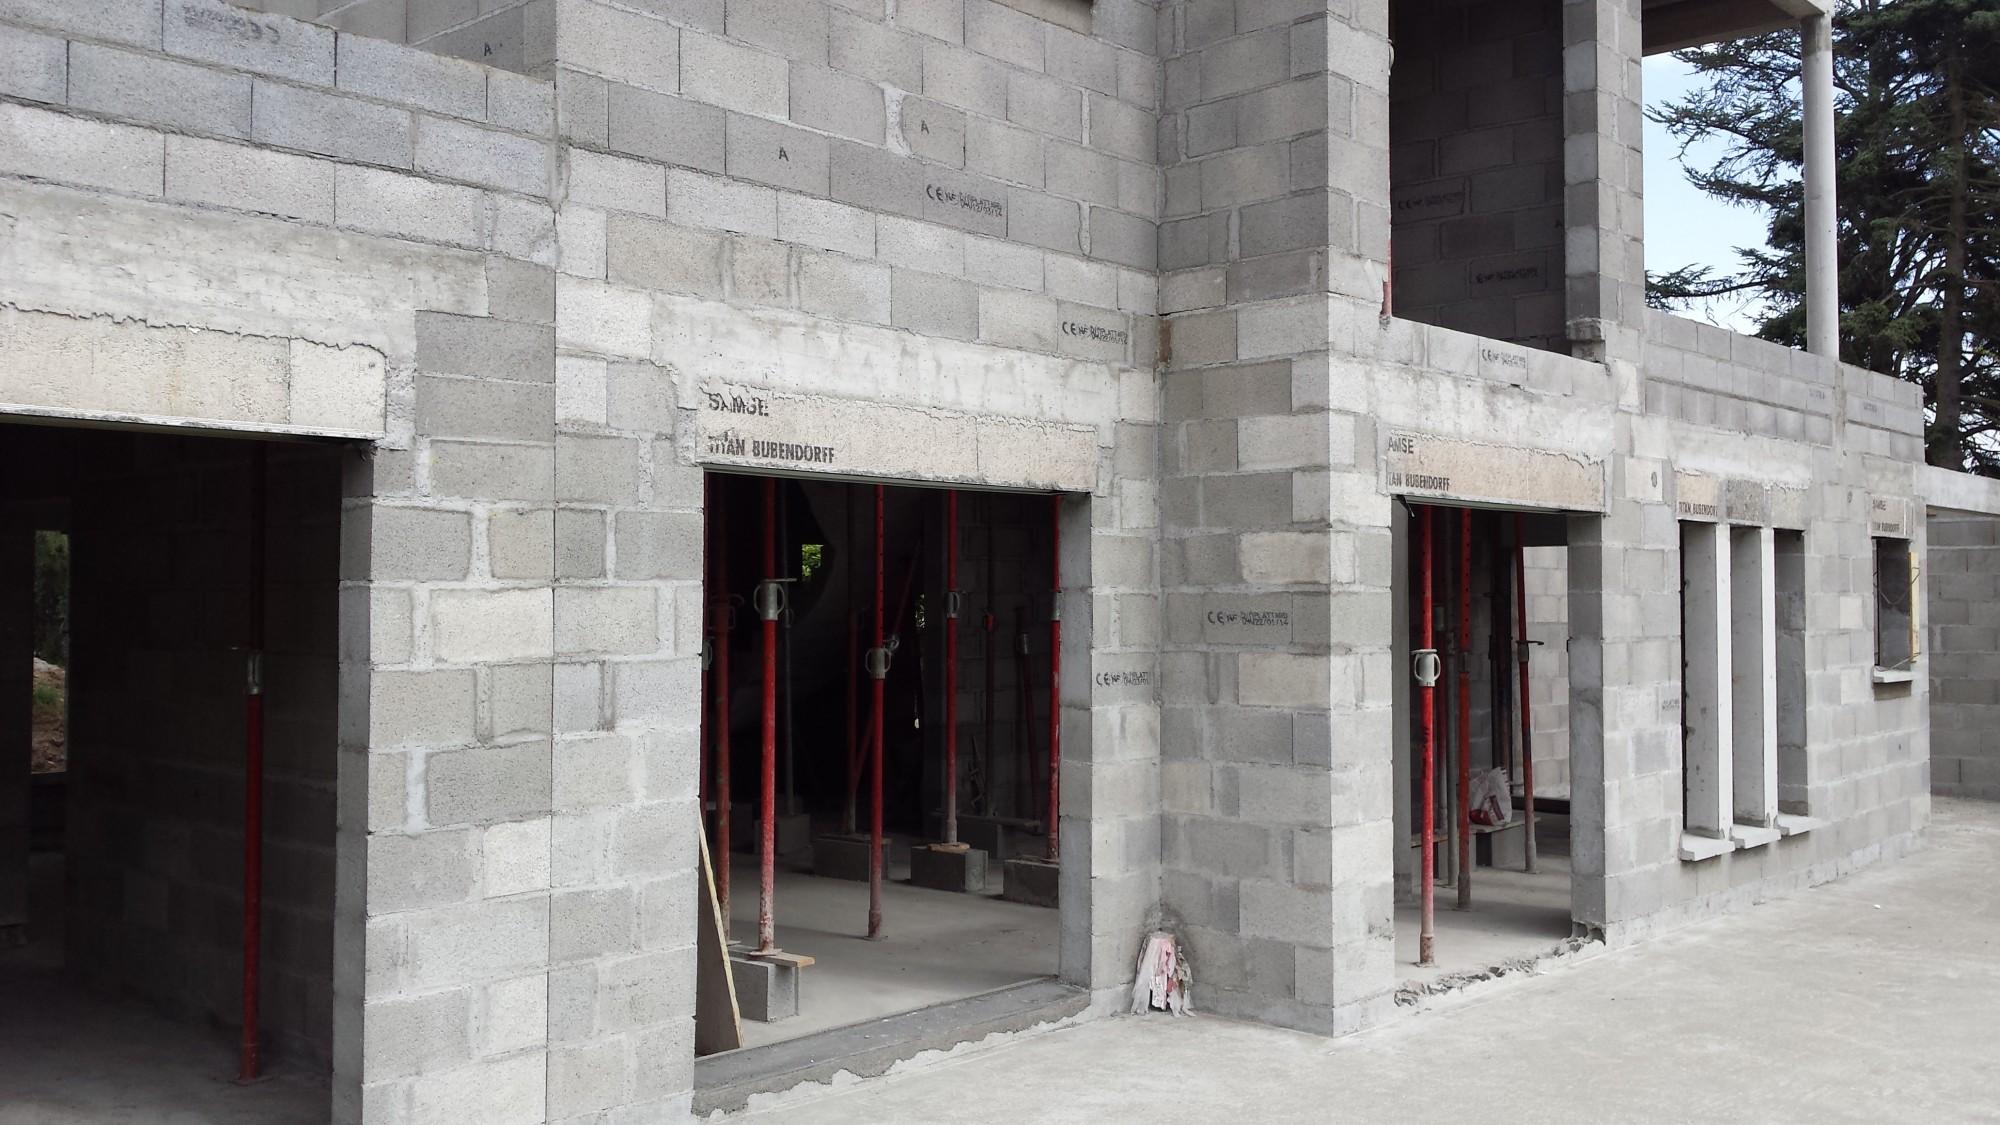 projet et r alisation en cours d 39 une maison toiture terrasse sur charbonni res les bains bureau. Black Bedroom Furniture Sets. Home Design Ideas